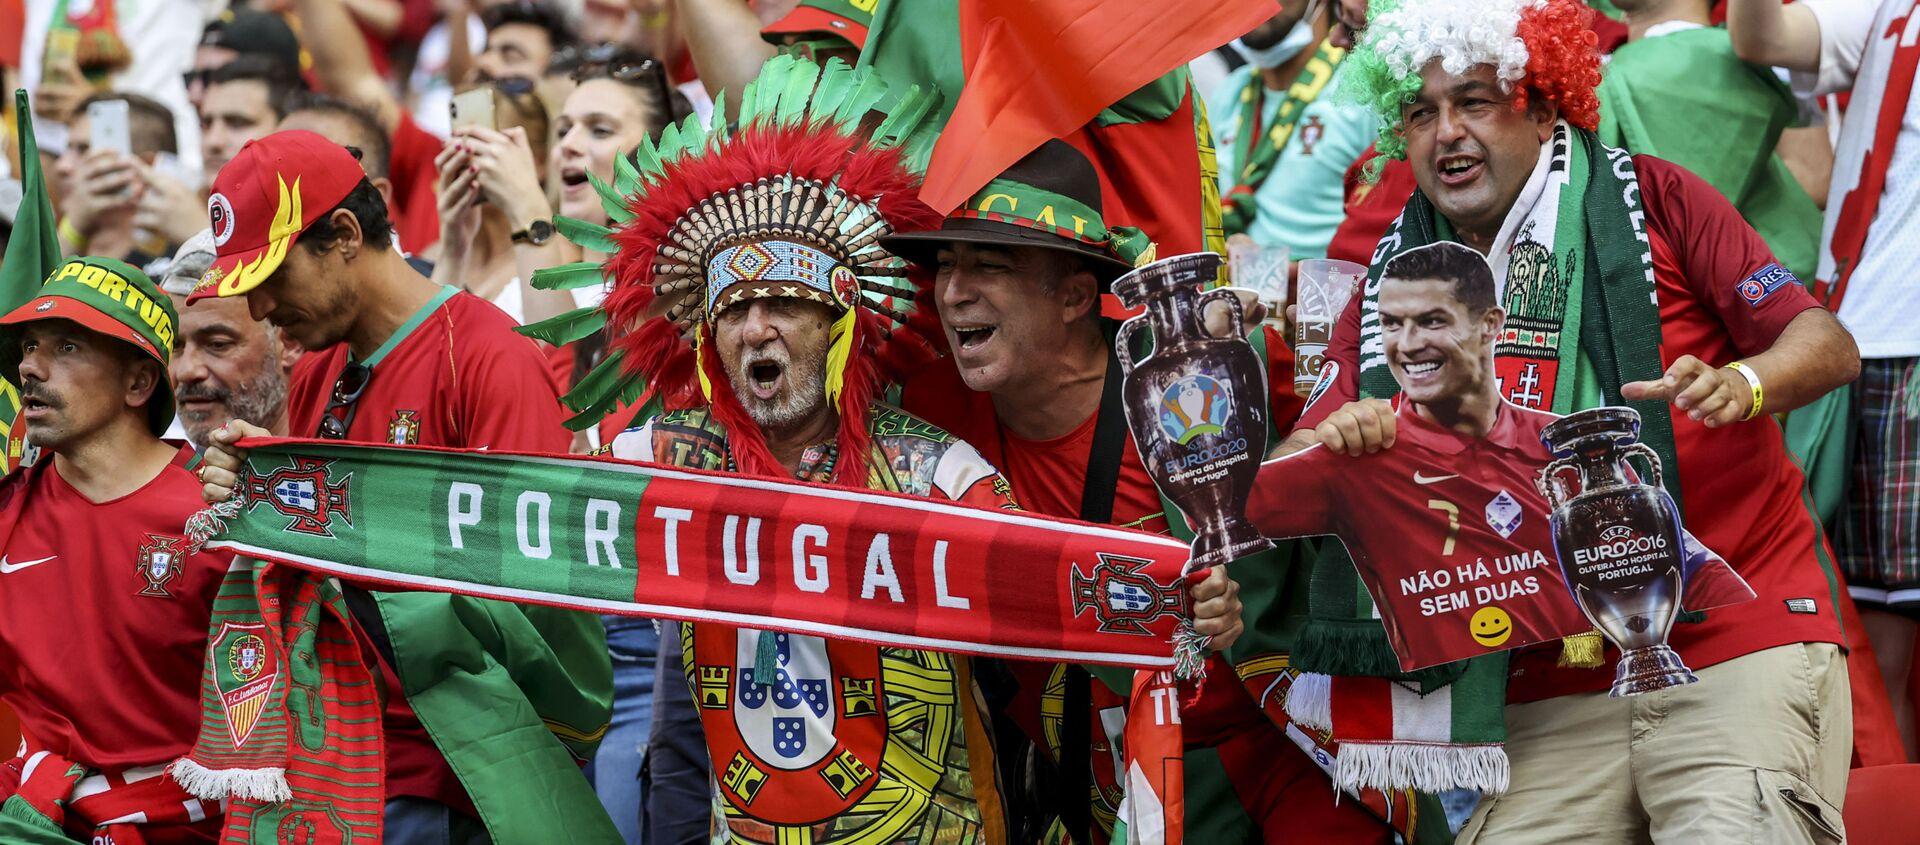 Người hâm mộ tại trận đấu vòng bảng giữa đội tuyển Bồ Đào Nha và đội tuyển Hungary tại EURO 2020. - Sputnik Việt Nam, 1920, 16.06.2021